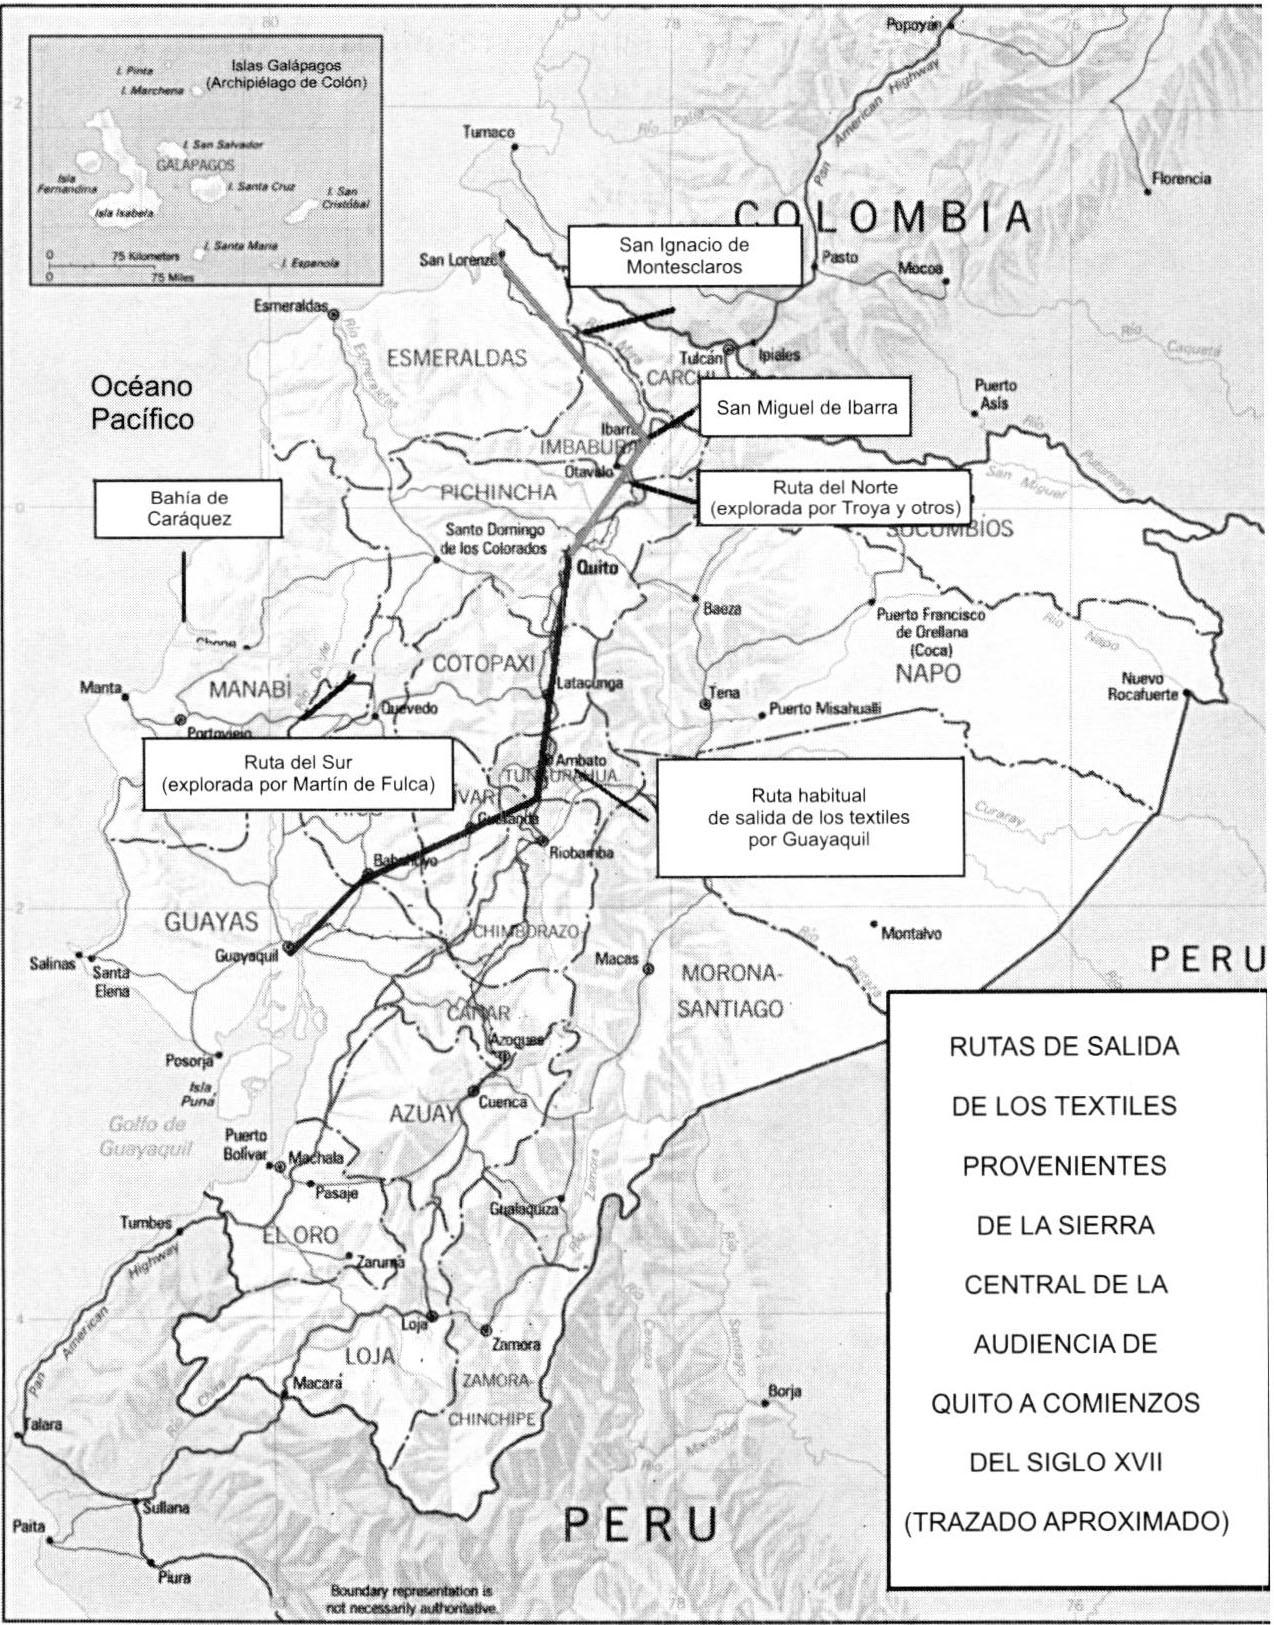 la frontera occidental de la audiencia de quito bibliograf a Redneck El Camino pilaciones de documentos